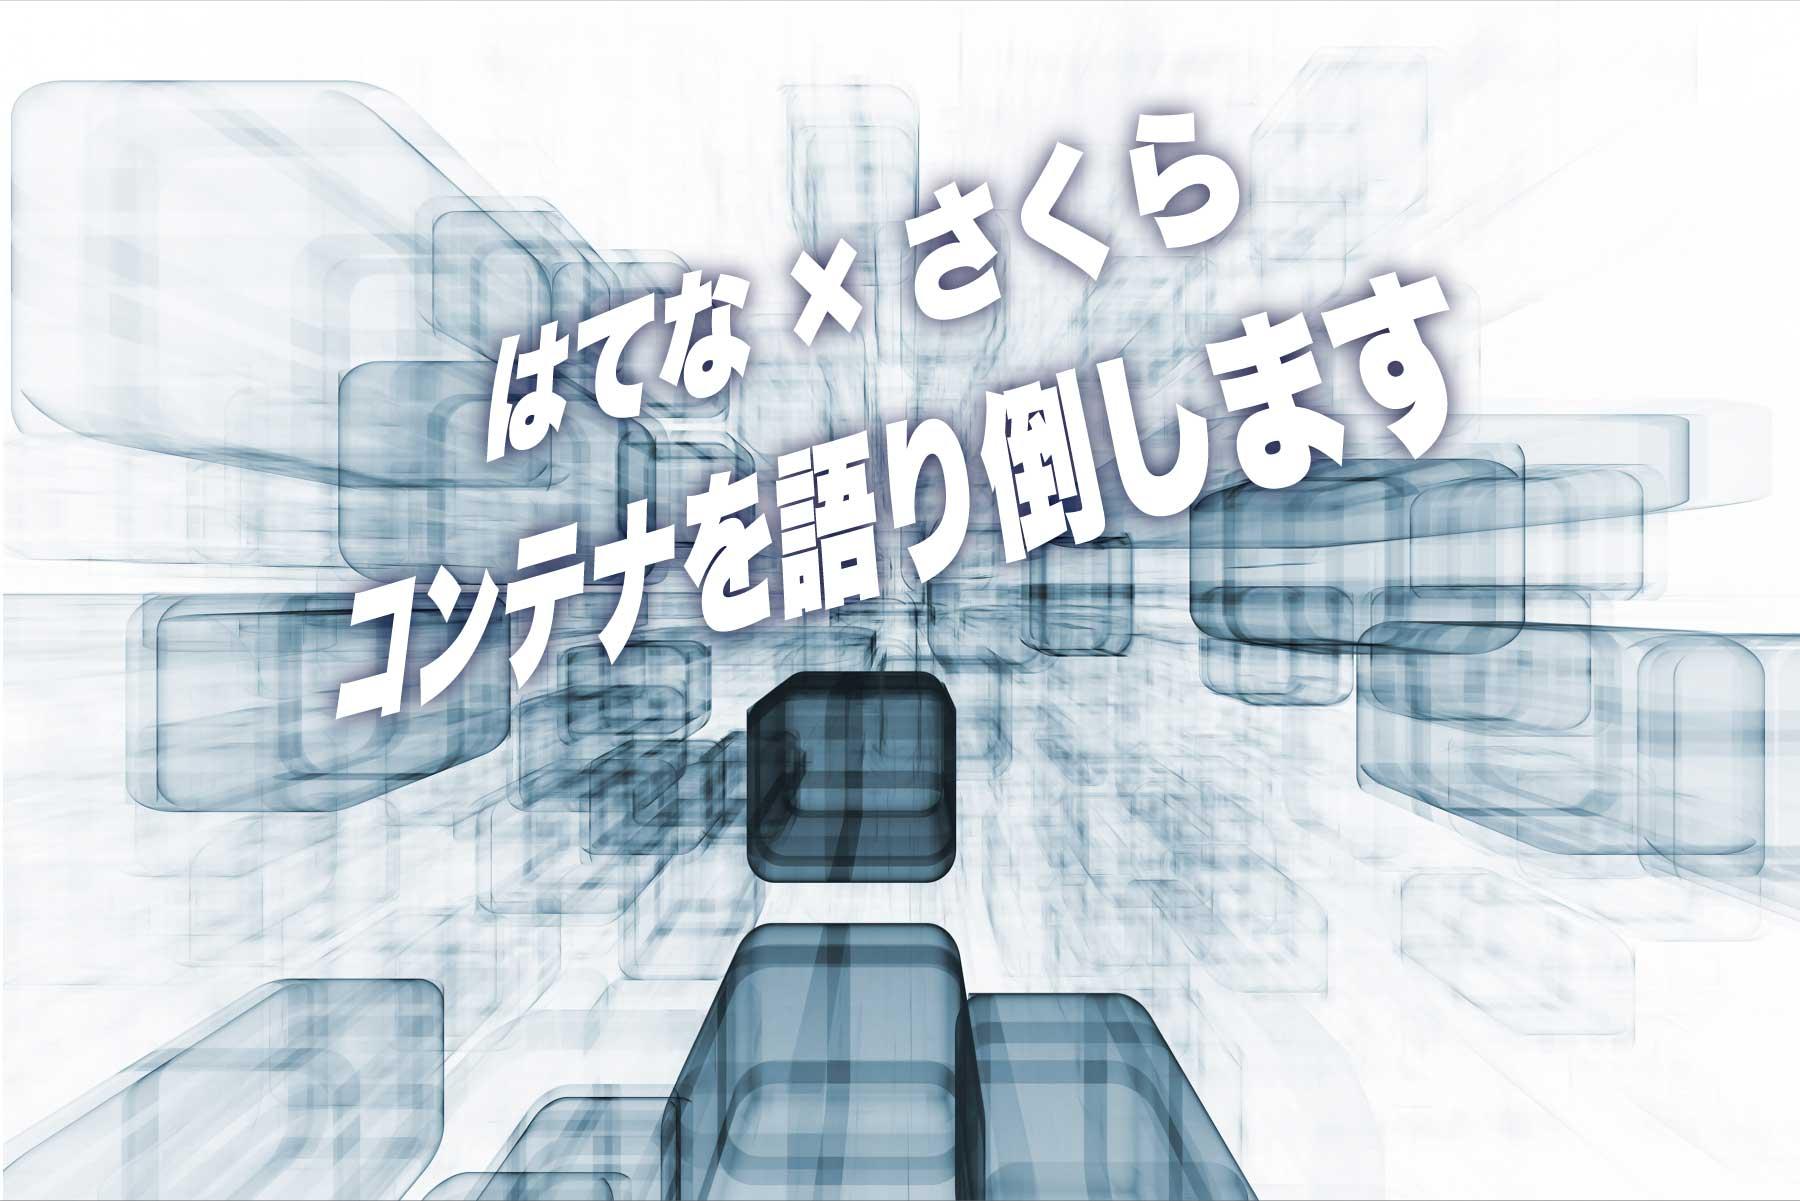 【@大阪】さくらインターネット × はてな、コンテナ技術の現在と未来を語るイベント開催!さくらのサービスを無料で試せる特典も!